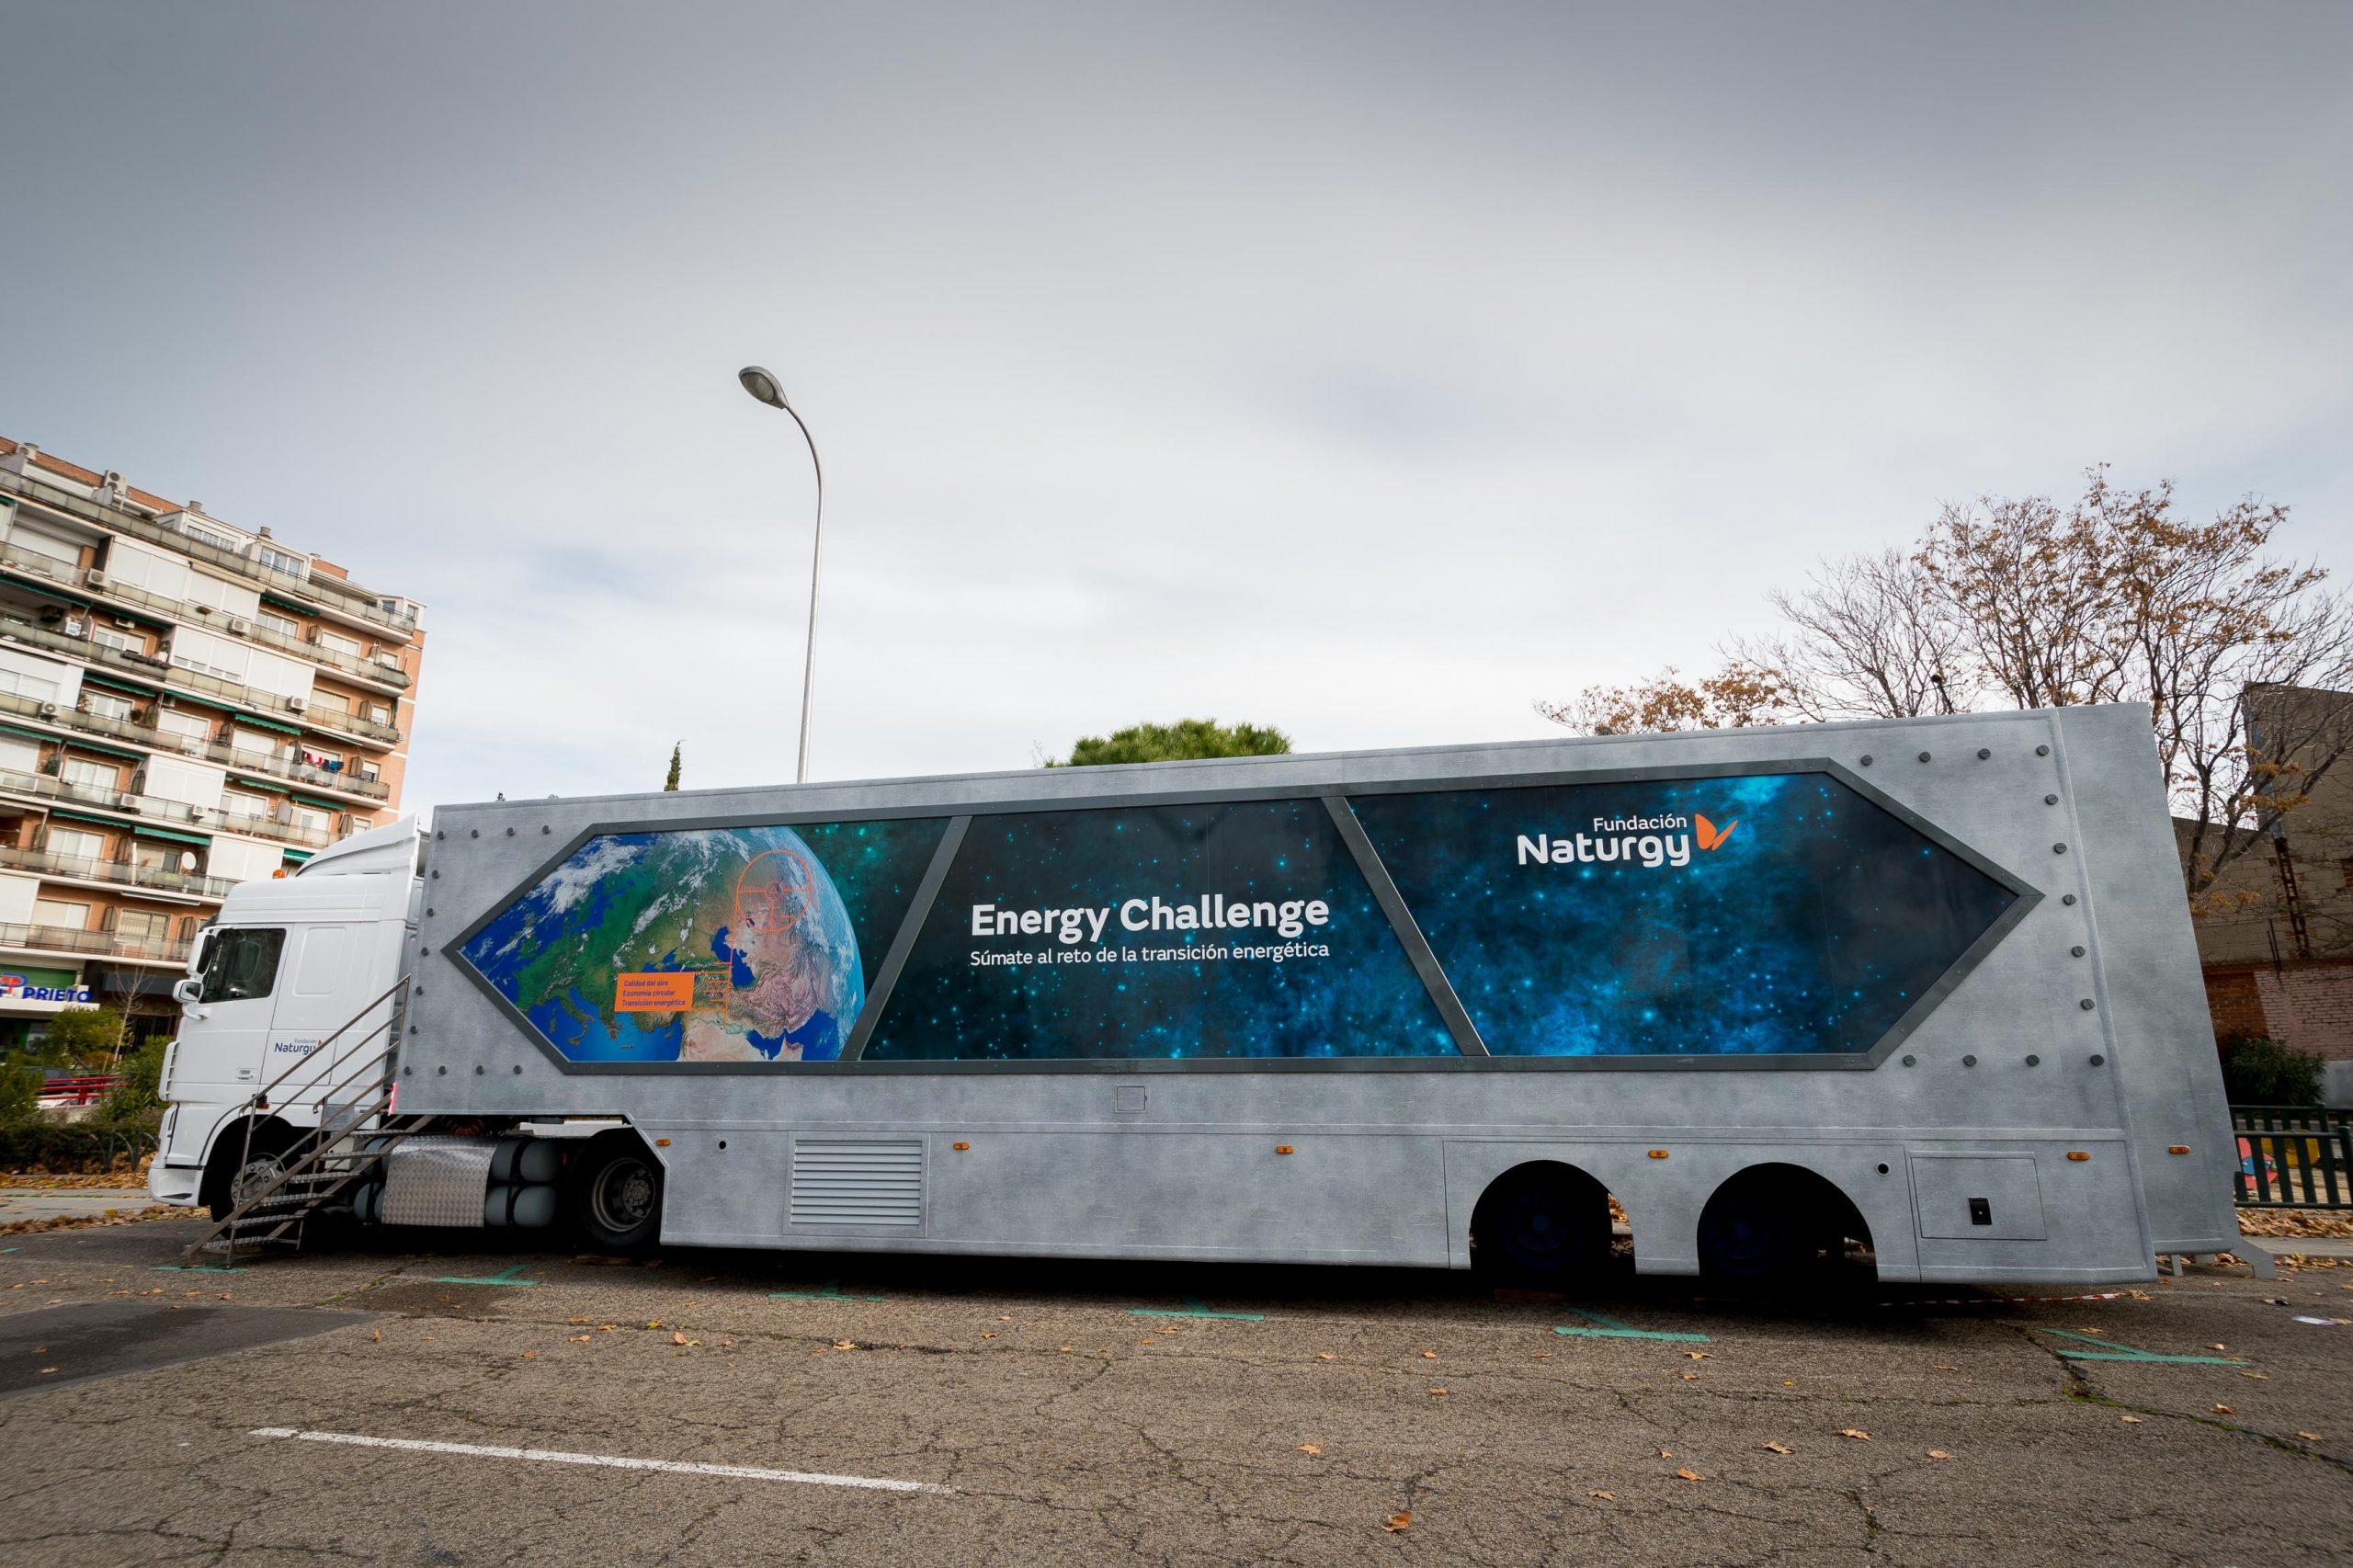 Naturgy 'aterrizará' durante las navidades en Ponferrada con una aeronave futurista llena de propuestas para resolver el desafío energético 4